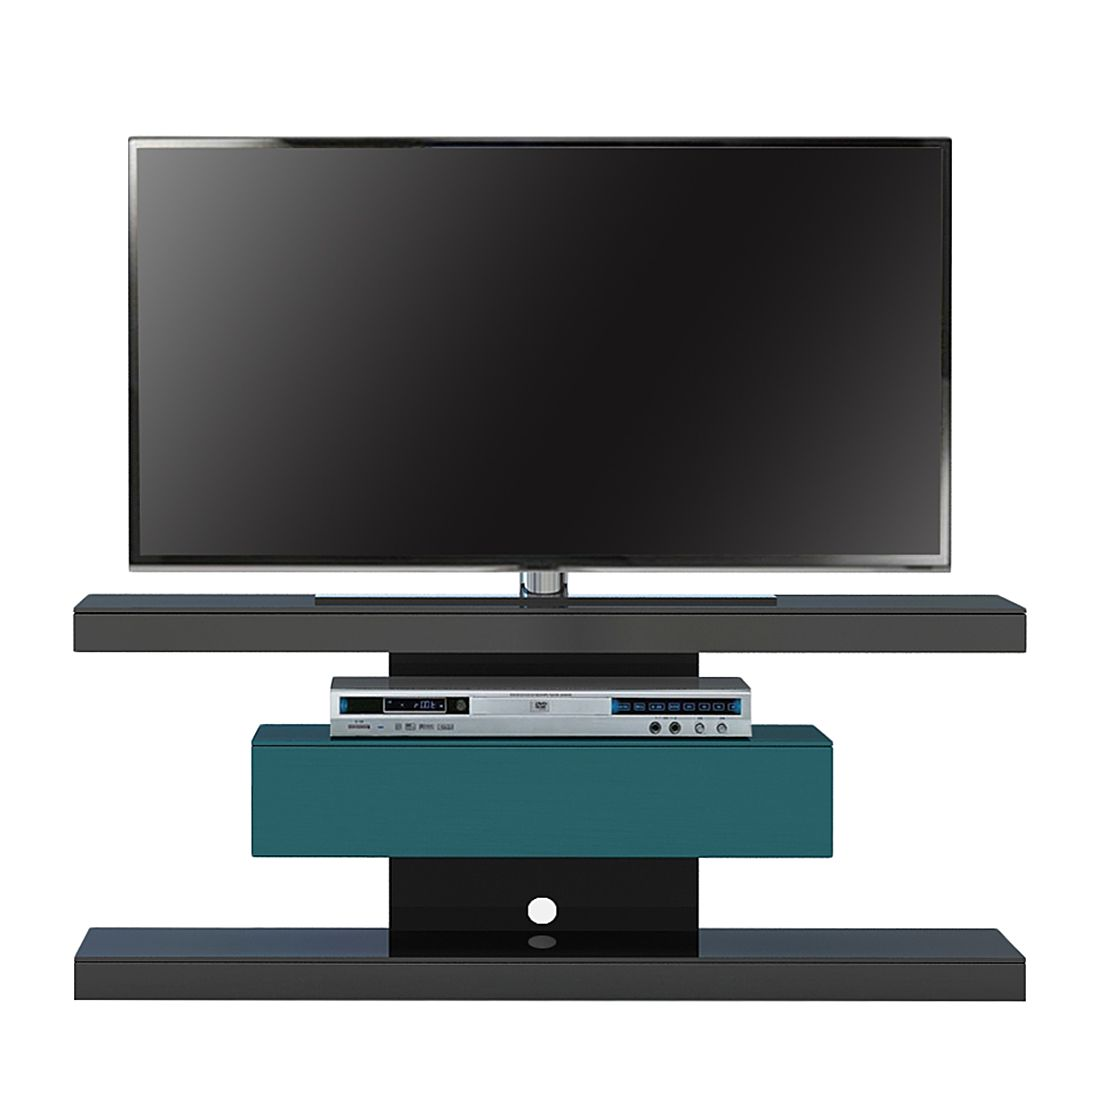 TV-Rack SL 610 – Schwarz / Petrol, Jahnke online kaufen